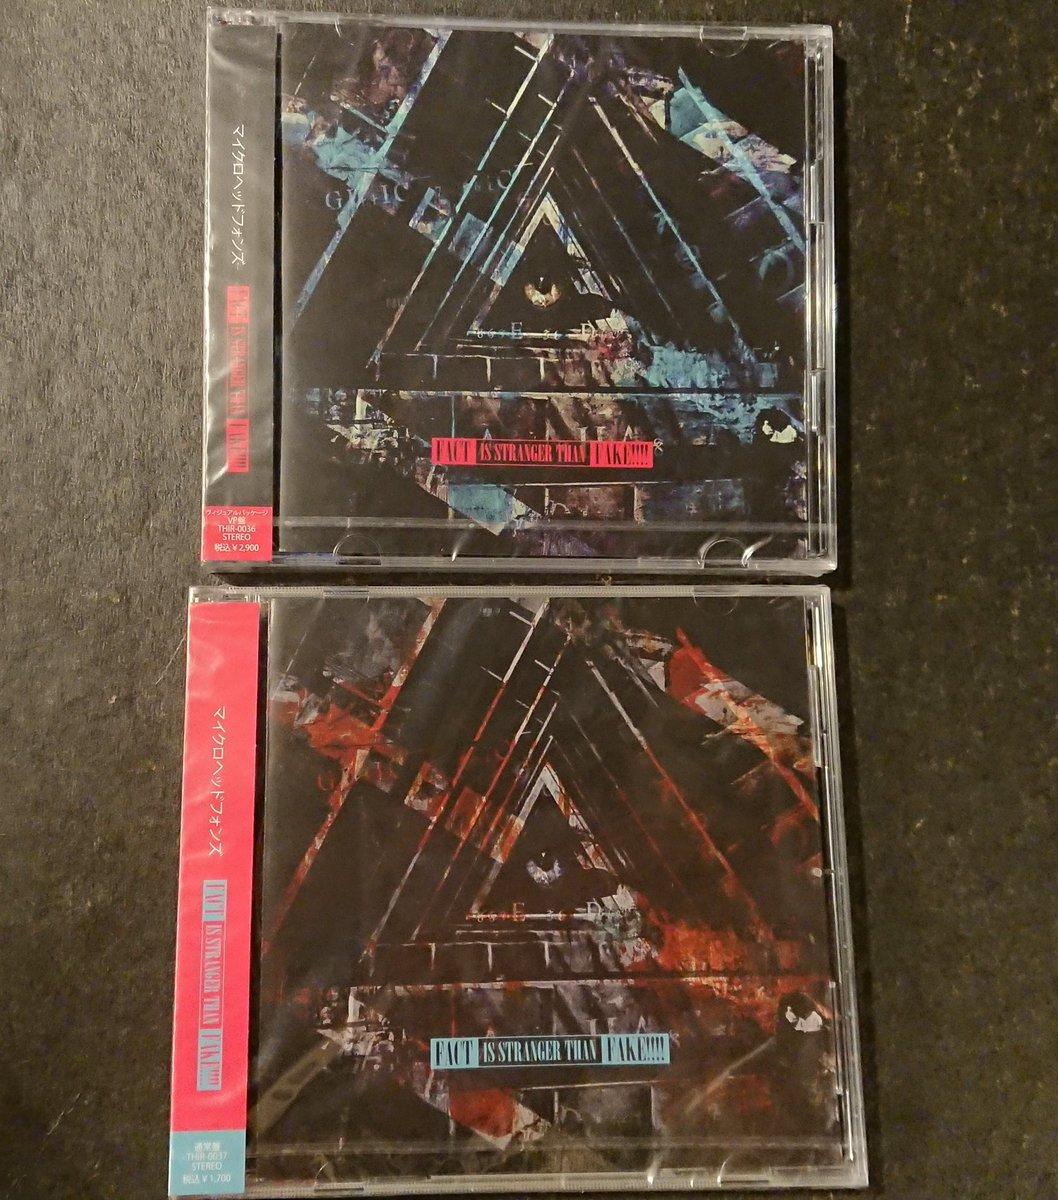 【仙台店】💫フラゲ日💫THE MICRO HEAD 4N'S『FACT IS STRANGER THAN FAKE!!!!』入荷しました✨新体制第2弾‼️今作は全4曲収録のシングルです💕勿論今回もヴィジュアルパッケージ盤と通常盤の2タイプでリリースです🤟🤟